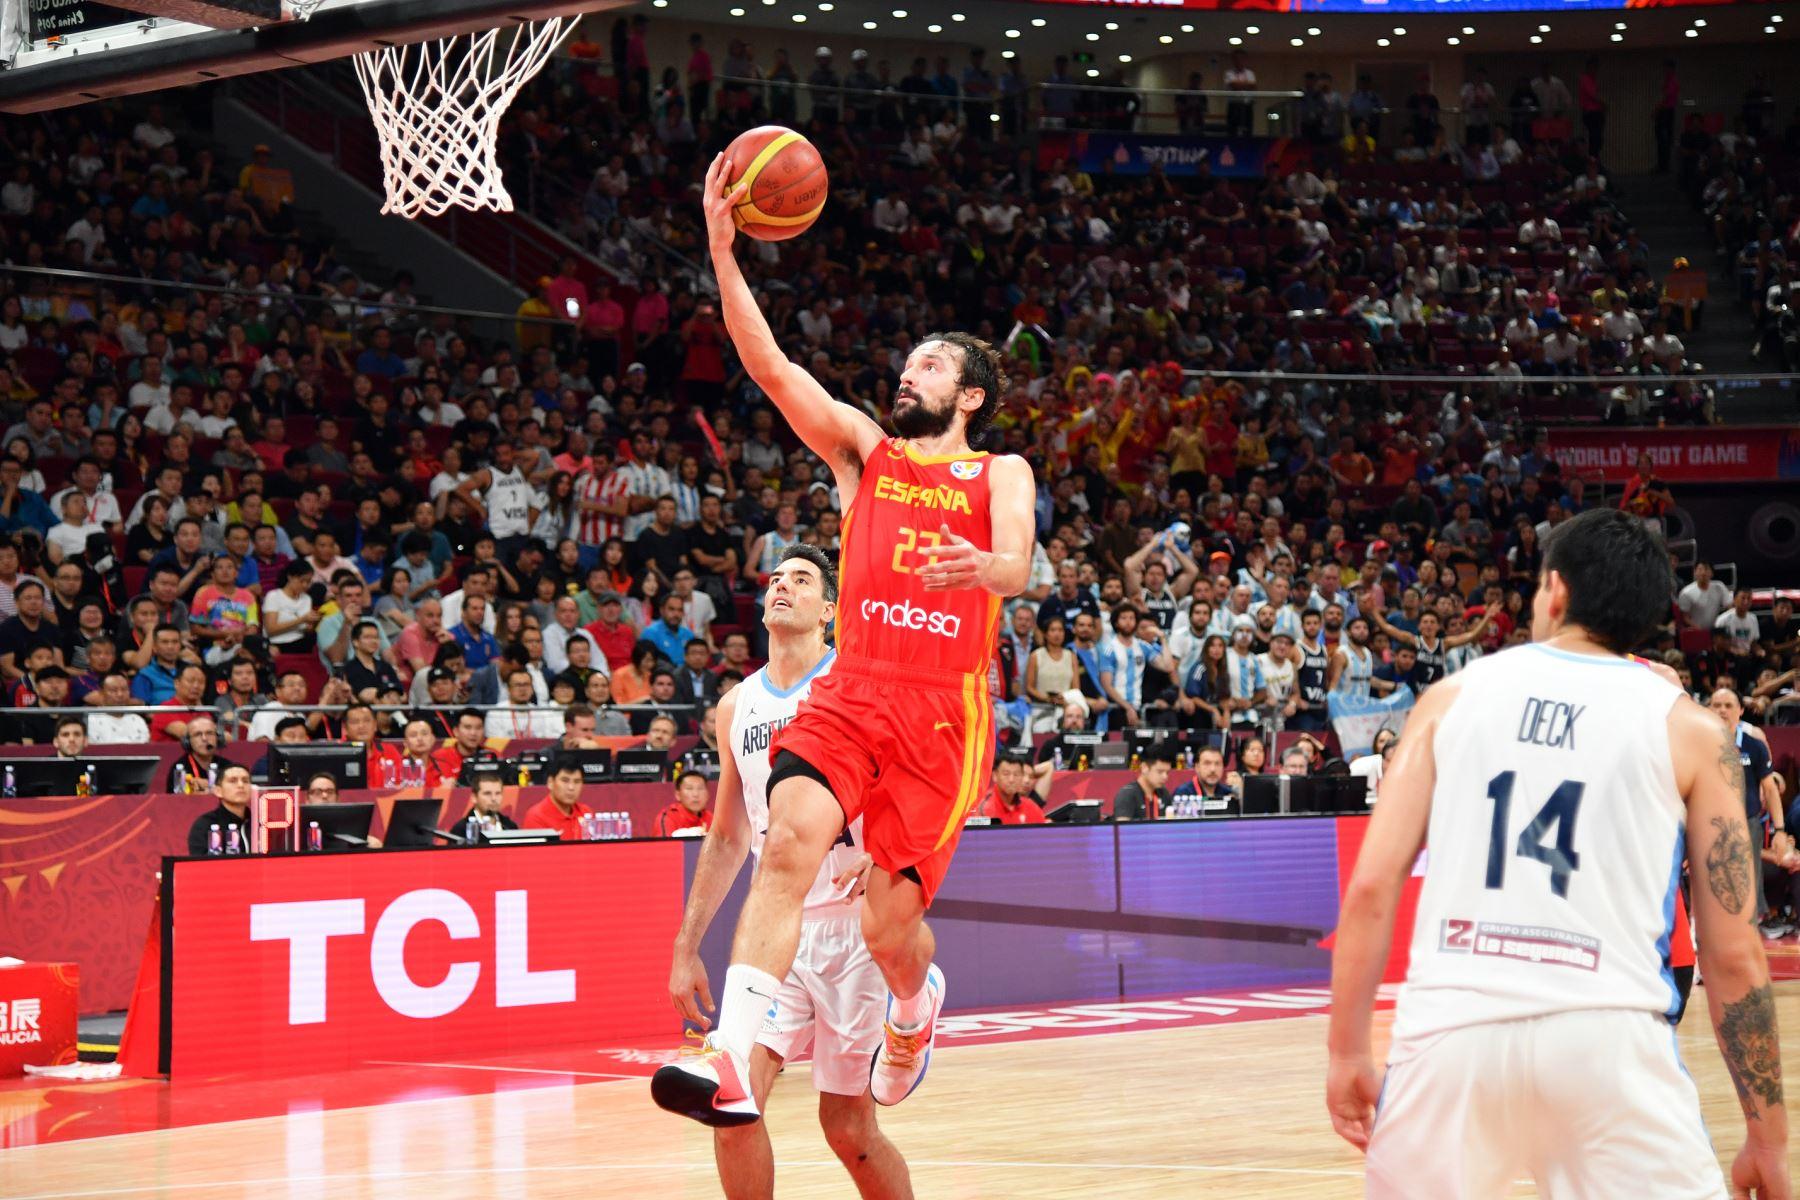 Sergio Llull del equipo de España dispara la pelota durante el juego contra el equipo de Argentina durante las finales de la Copa Mundial FIBA 2019 en el Cadillac Arena en Beijing. Foto: AFP